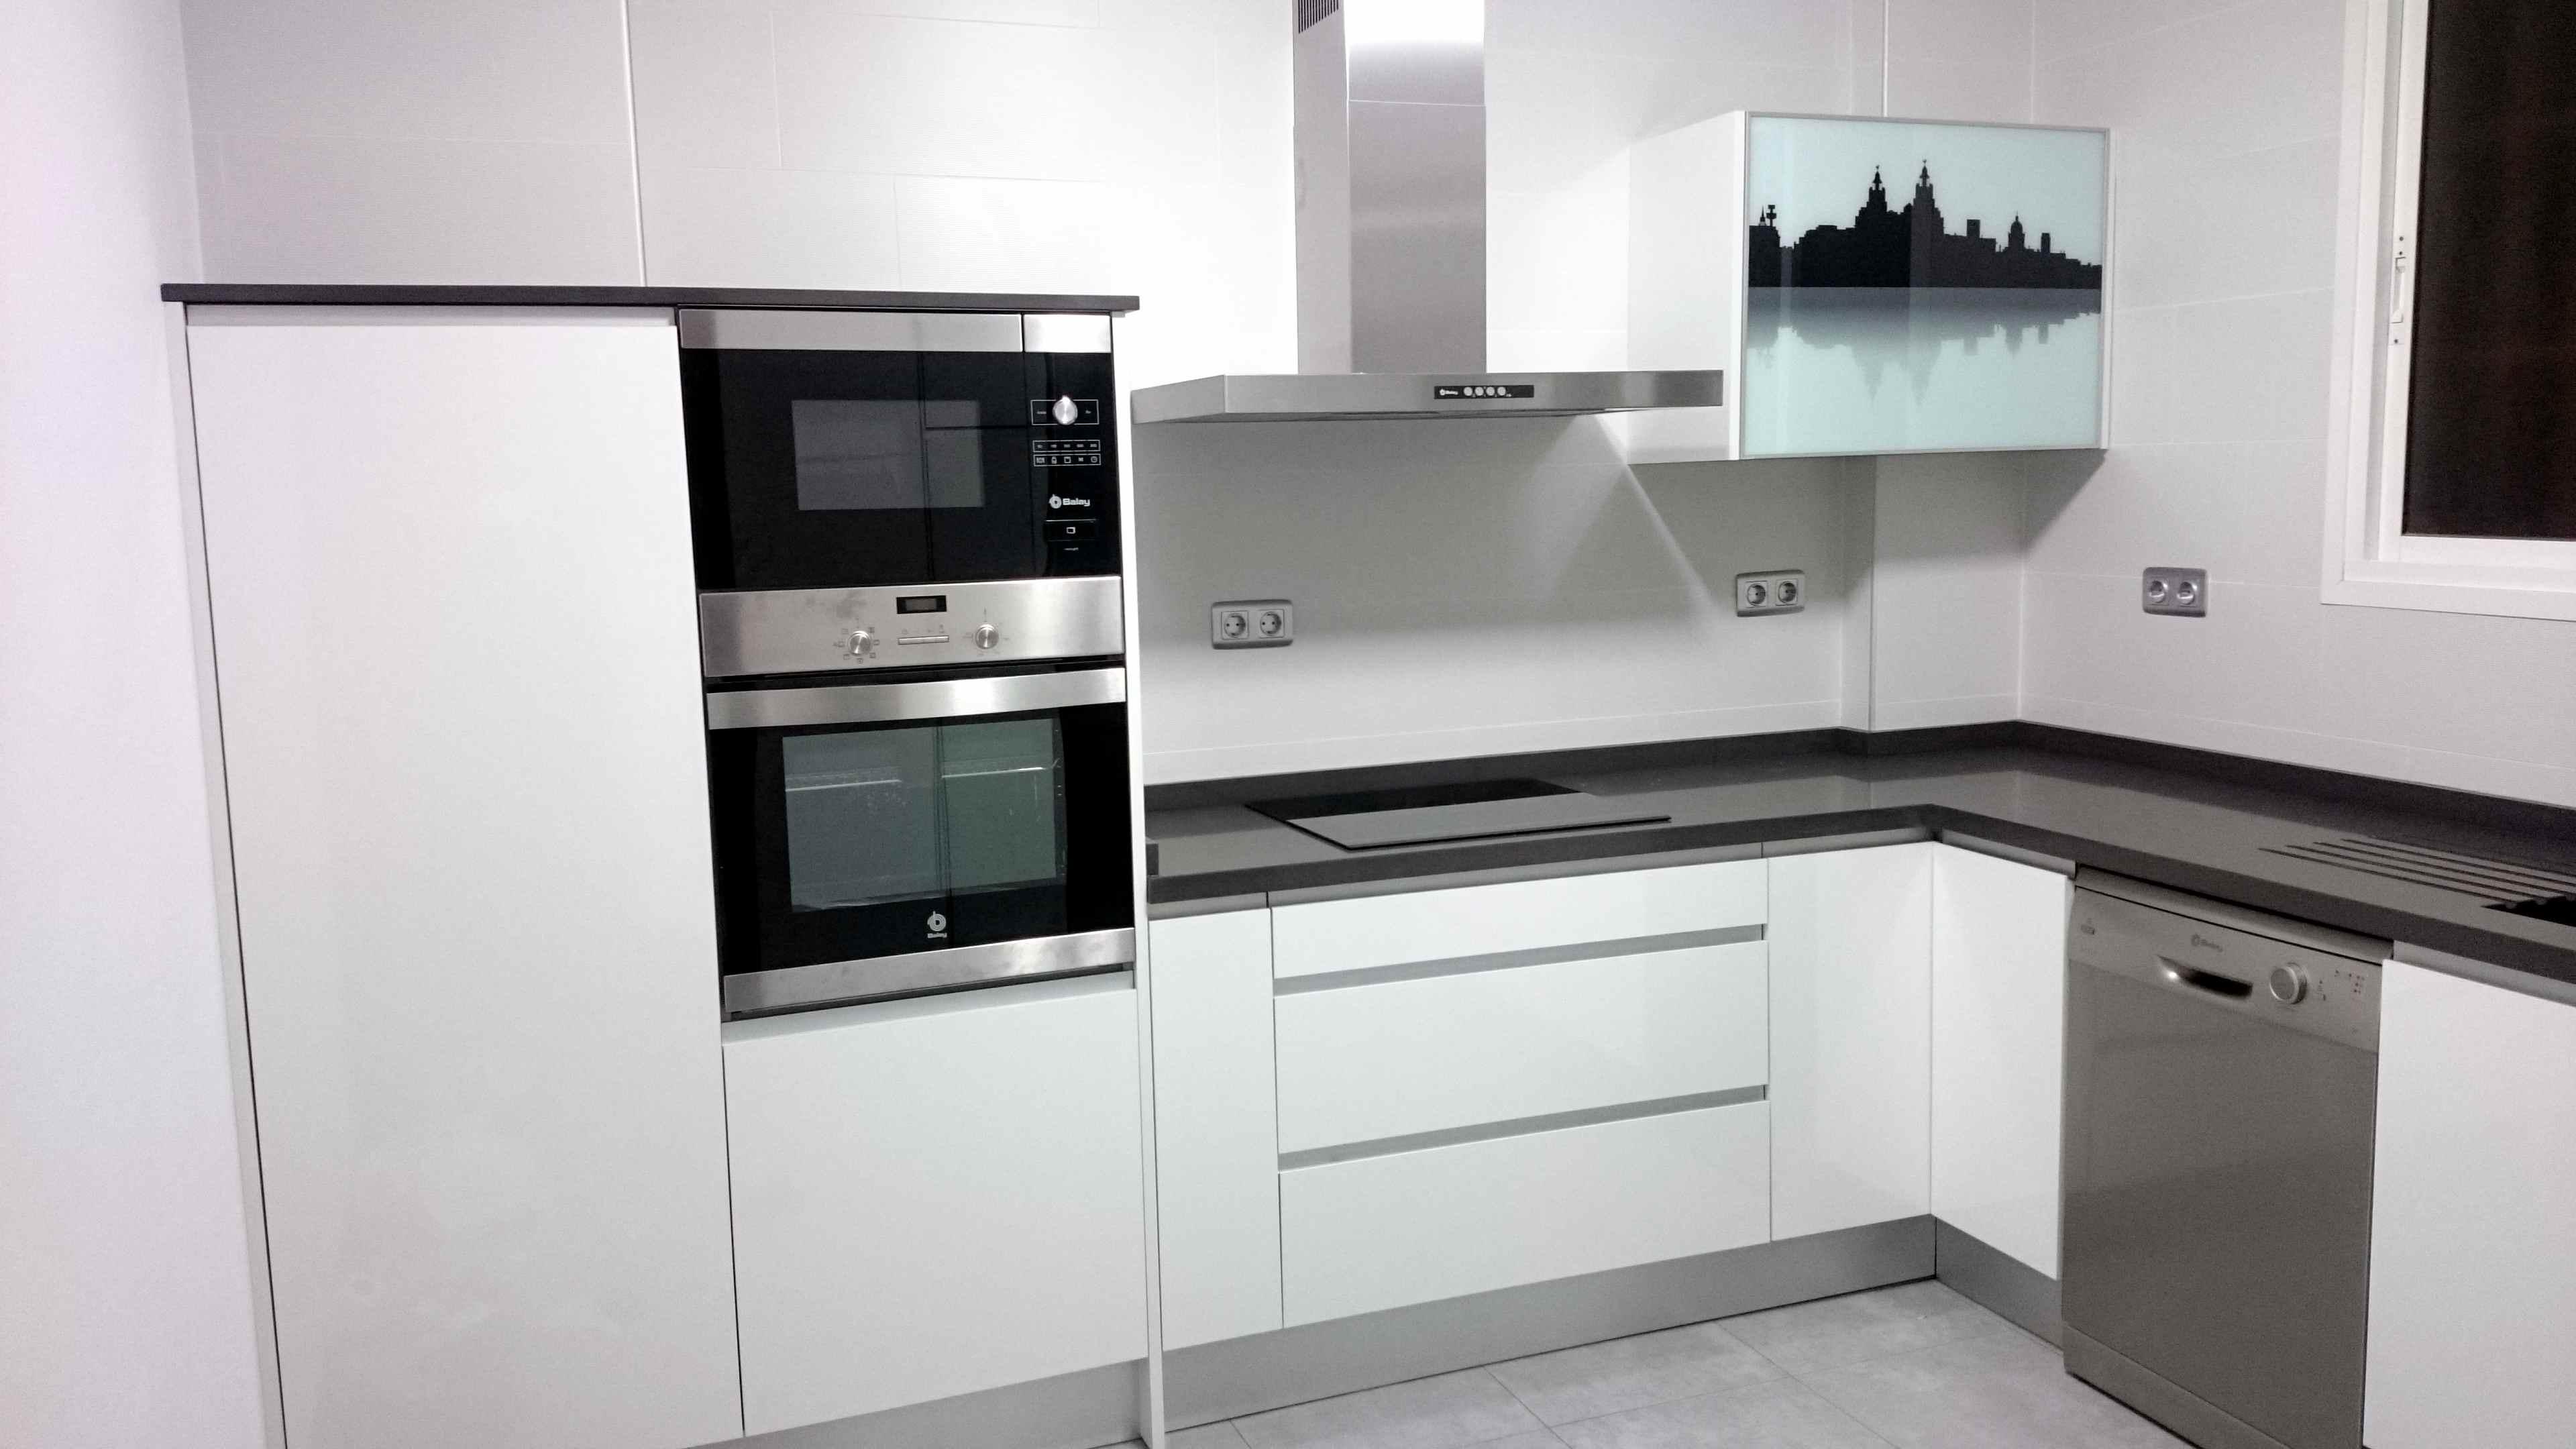 Cocinas blancas con silestone elegant nuevo cocina blanca for Cocinas de silestone